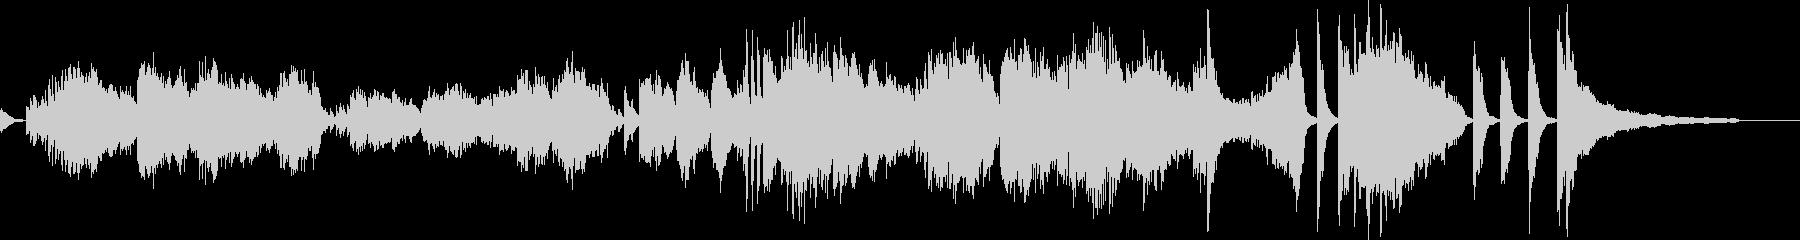 ピアノ独奏による短いワルツです。の未再生の波形